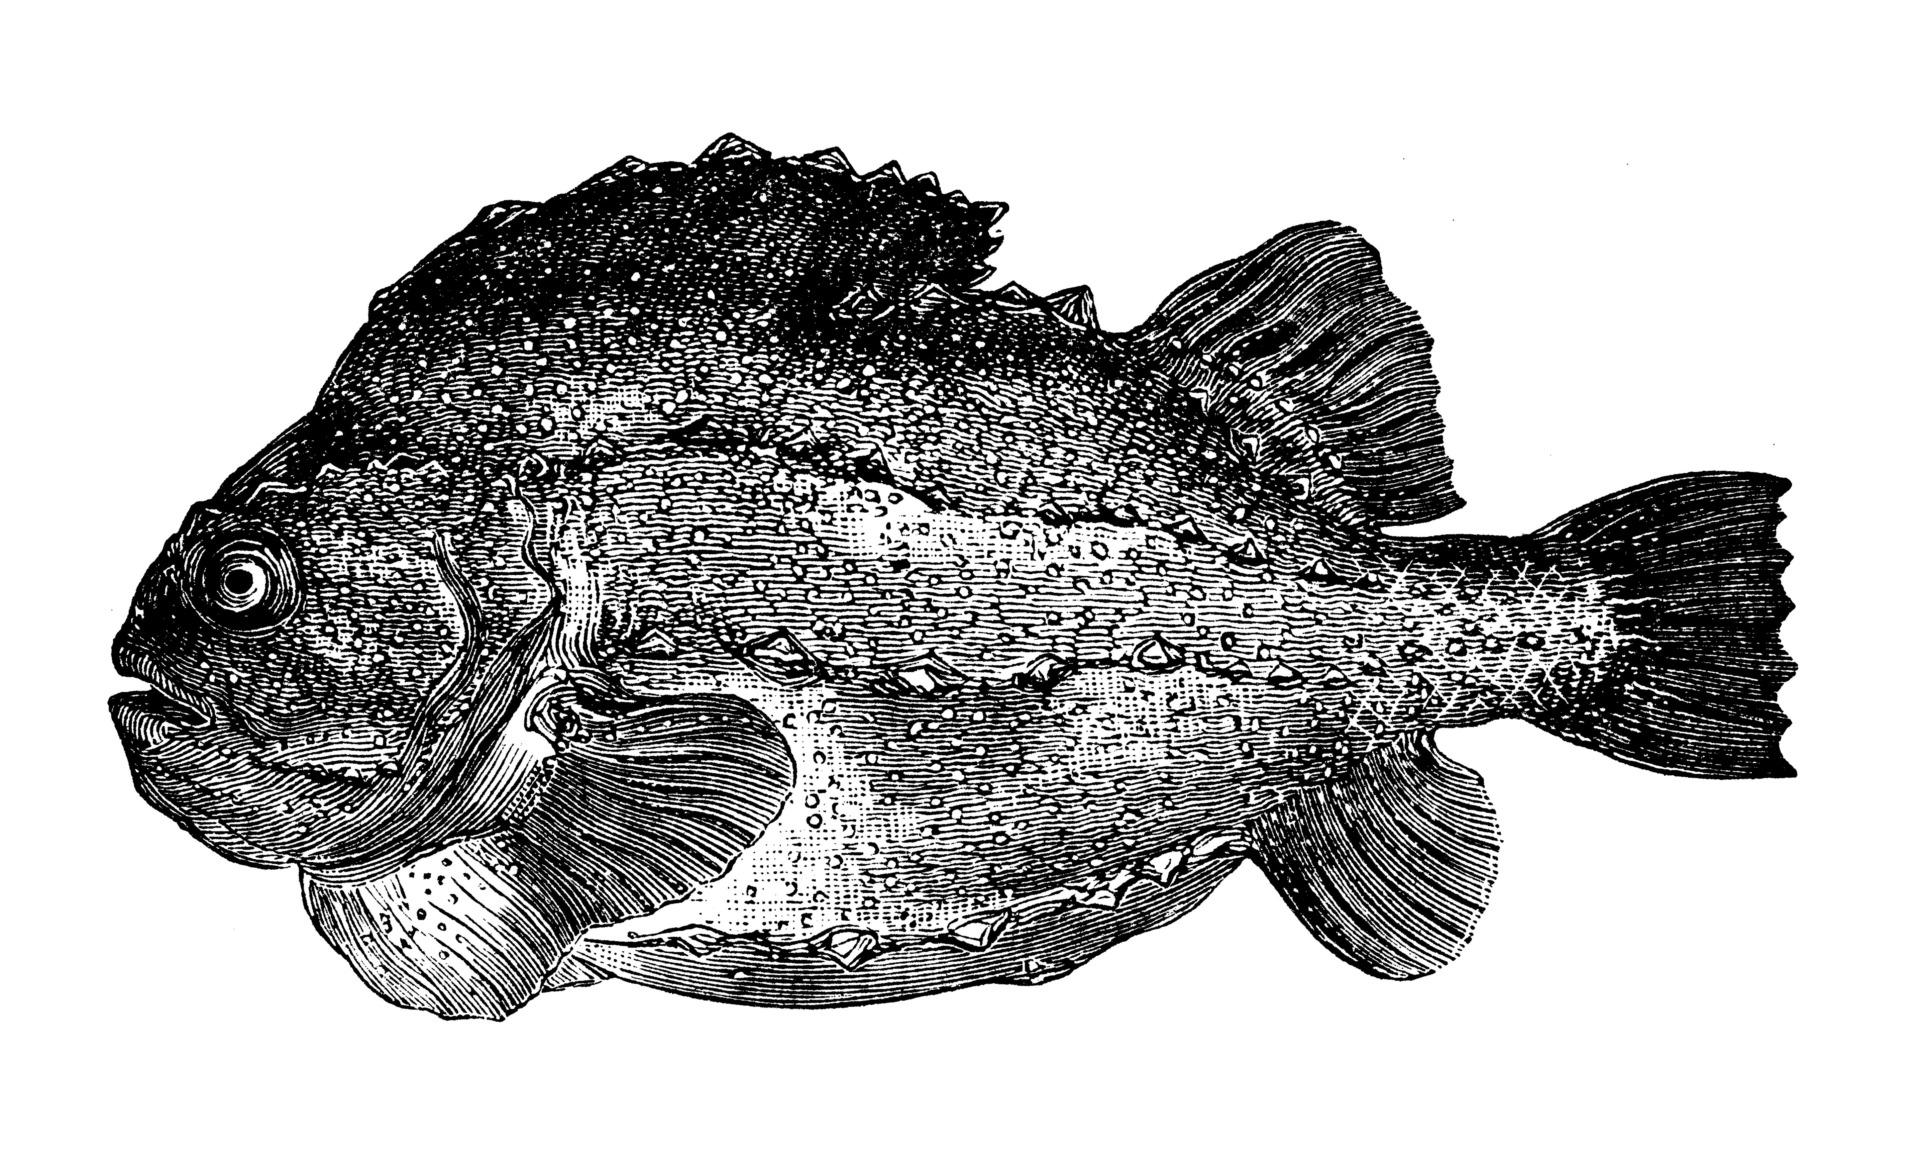 Lumpfish - lumpfish roe